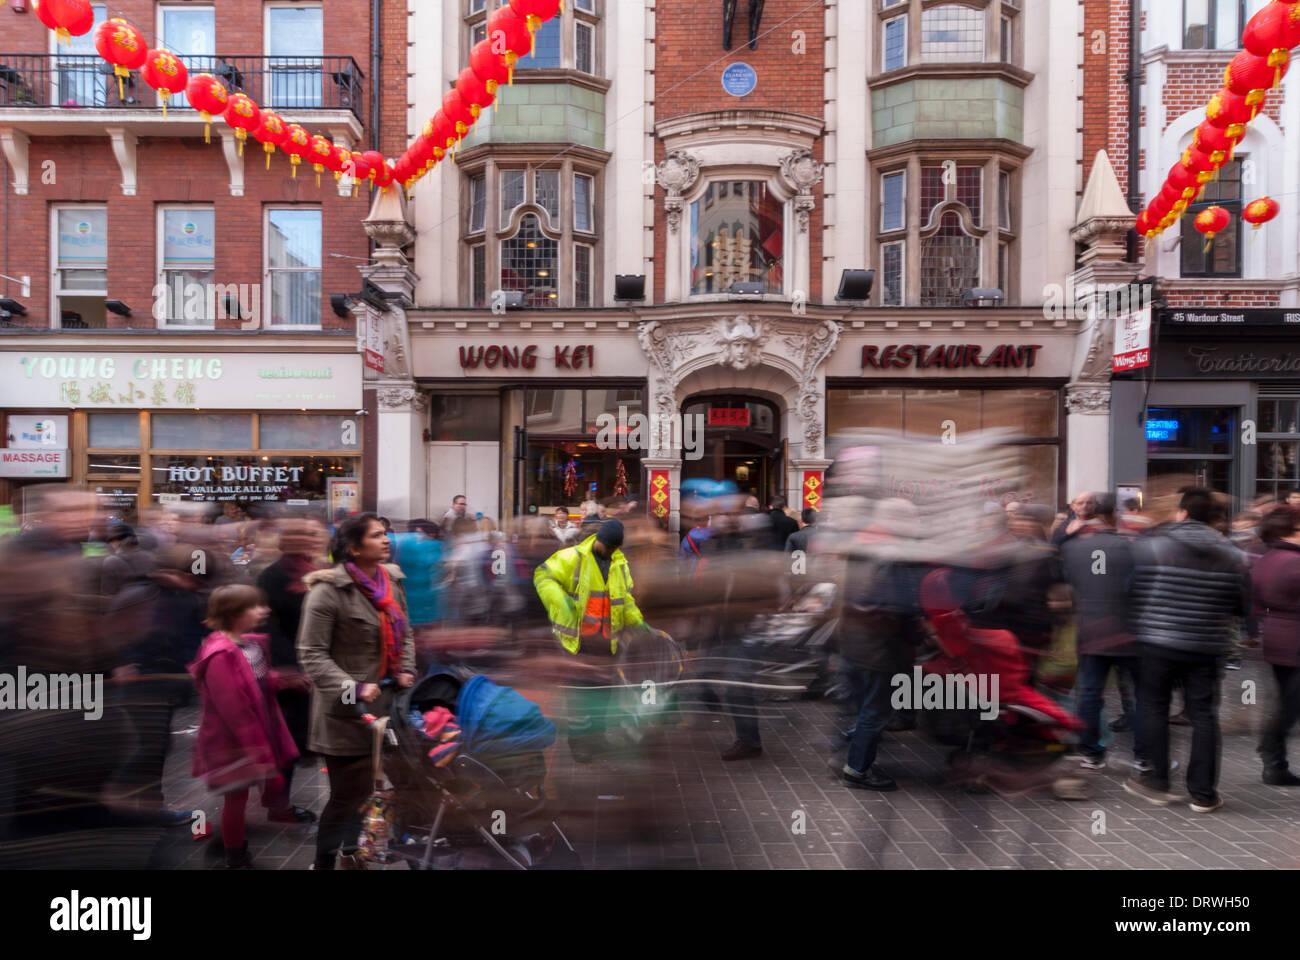 Chinatown, Londres, Royaume-Uni. 2 février 2014. Un homme recueille des foules comme litière passe devant lui par dans le quartier chinois alors qu'ils célèbrent l'année du cheval Photo Stock